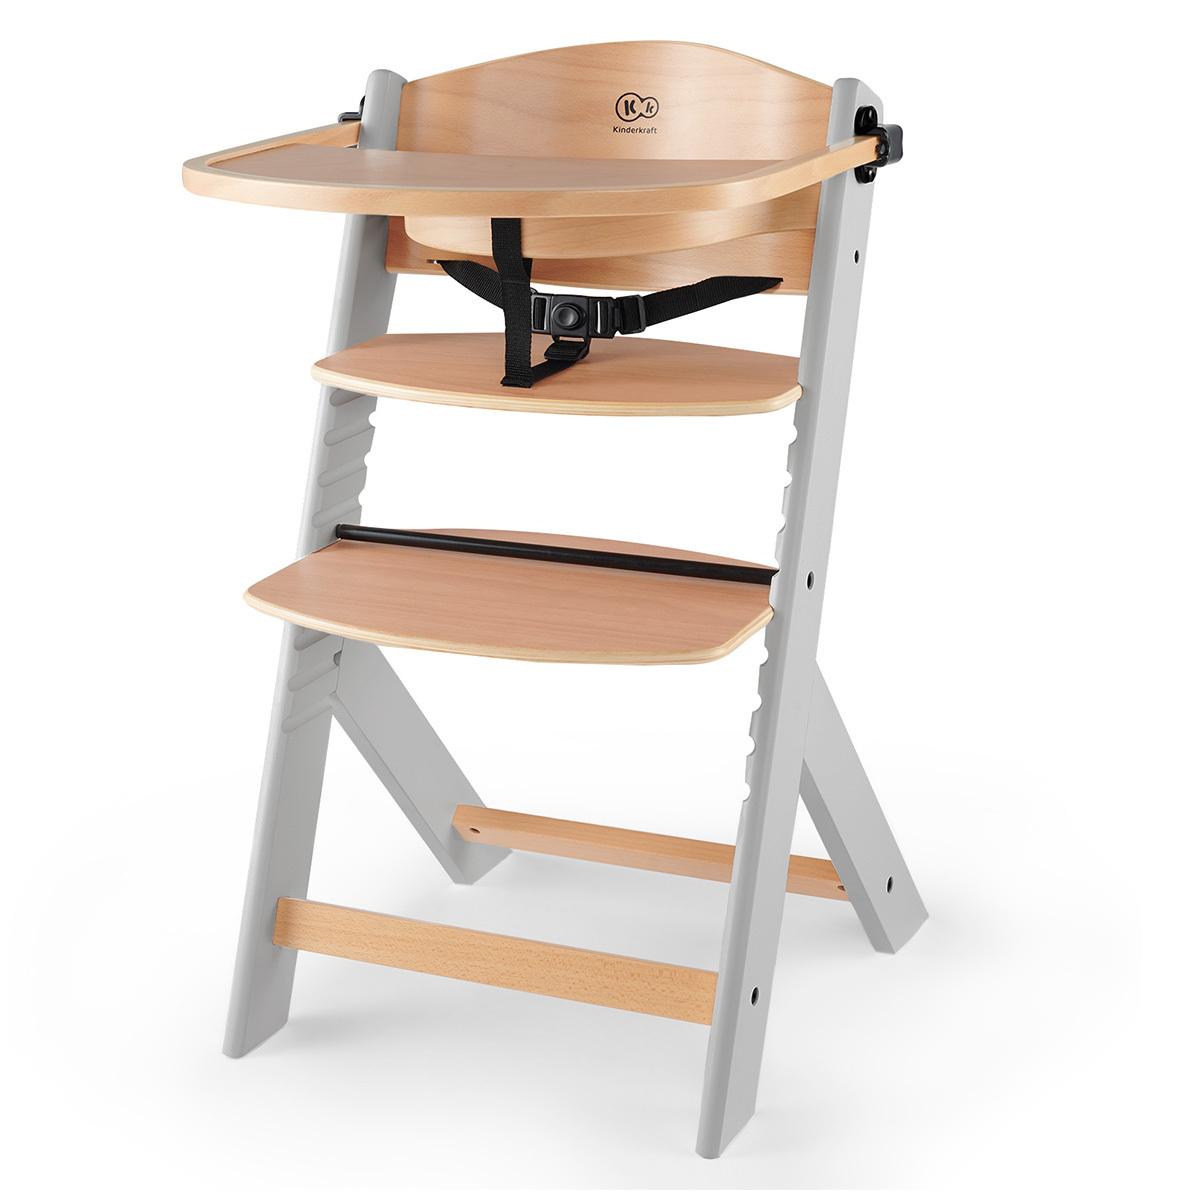 Chaise haute Chaise Haute ENOCK - Naturel et Gris Chaise Haute ENOCK - Naturel et Gris